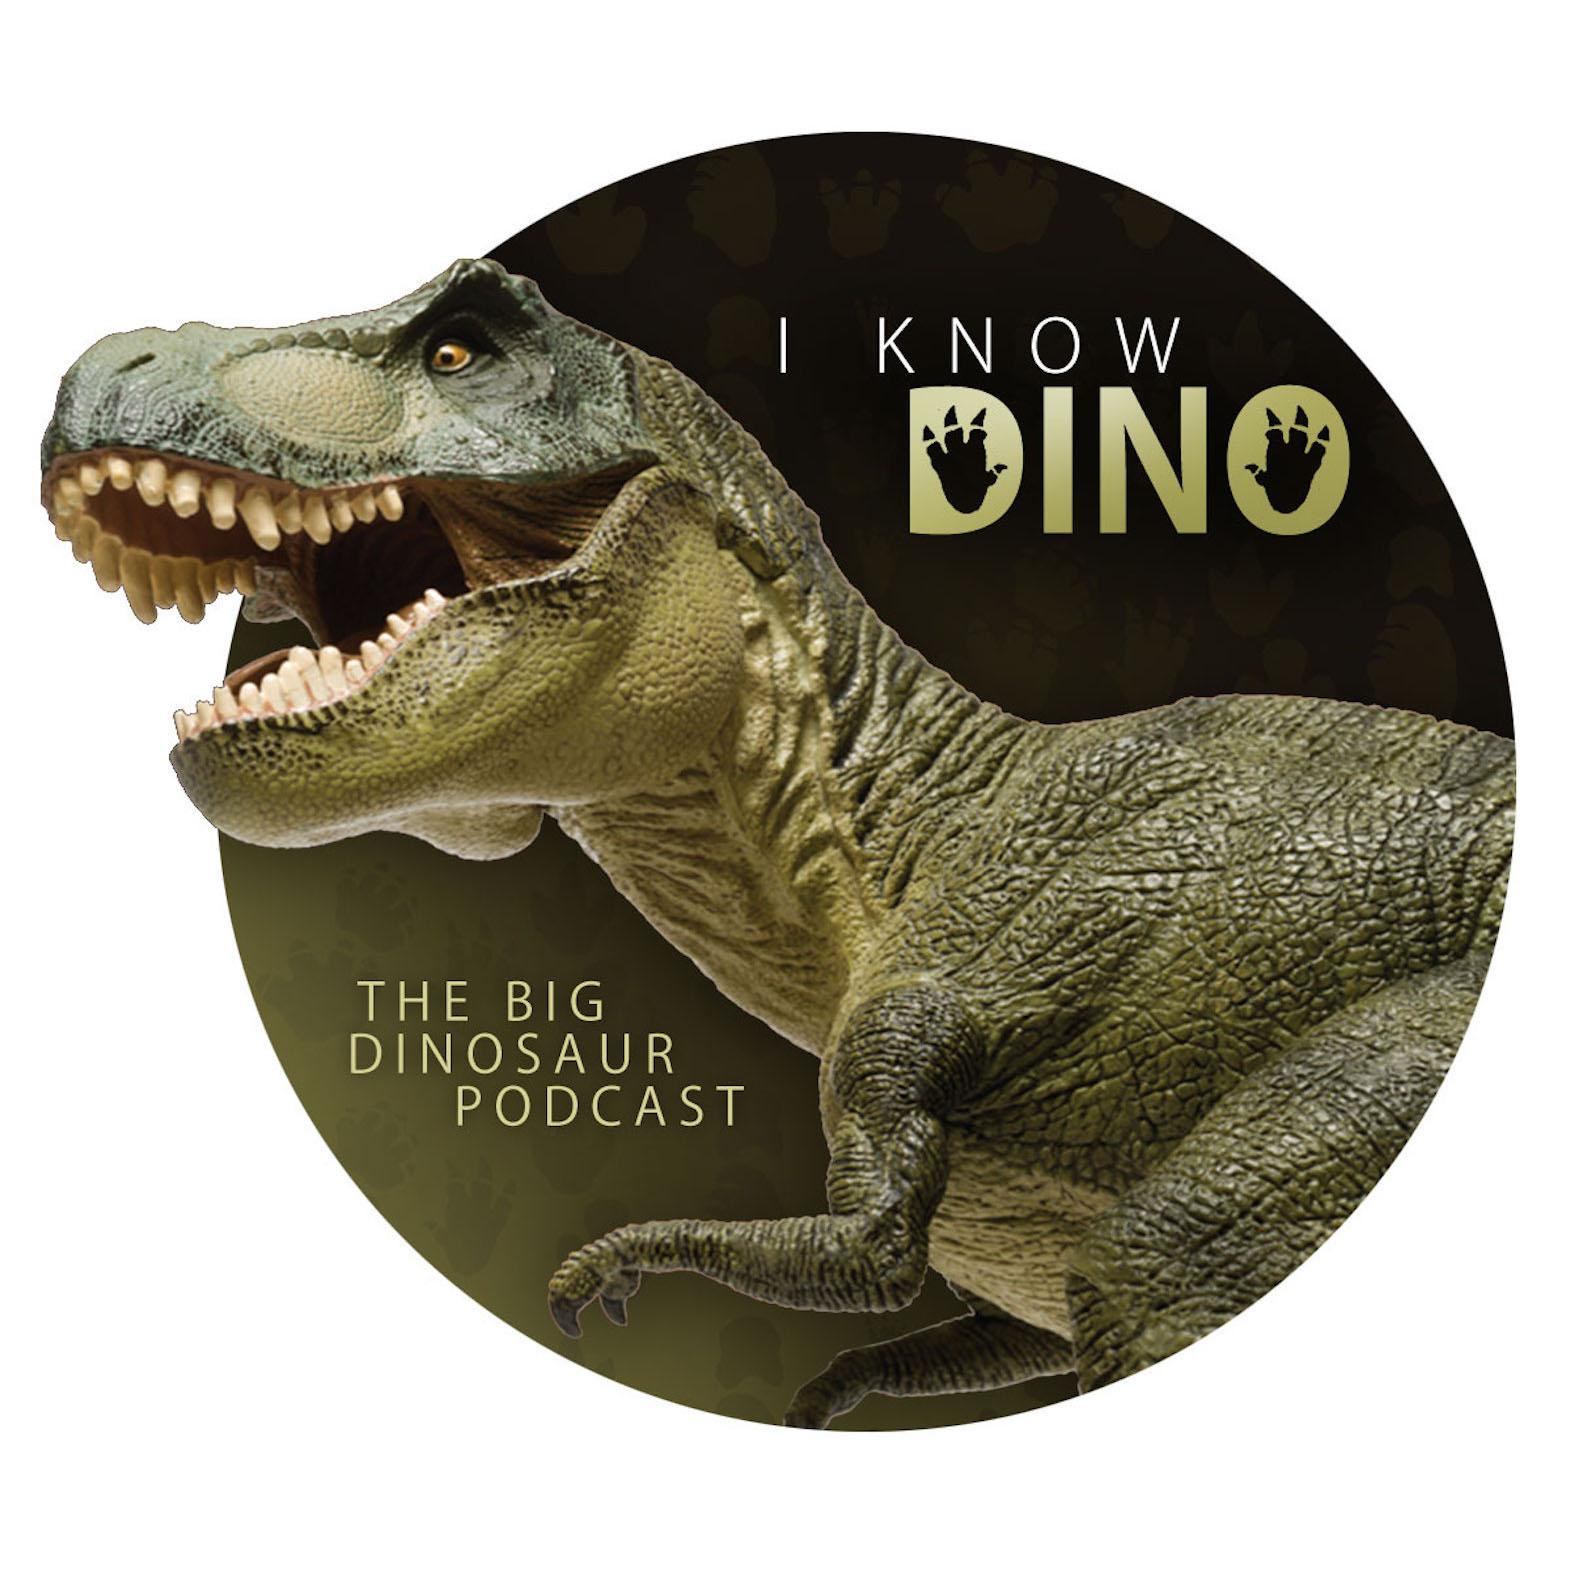 I Know Dino: The Big Dinosaur Podcast show art